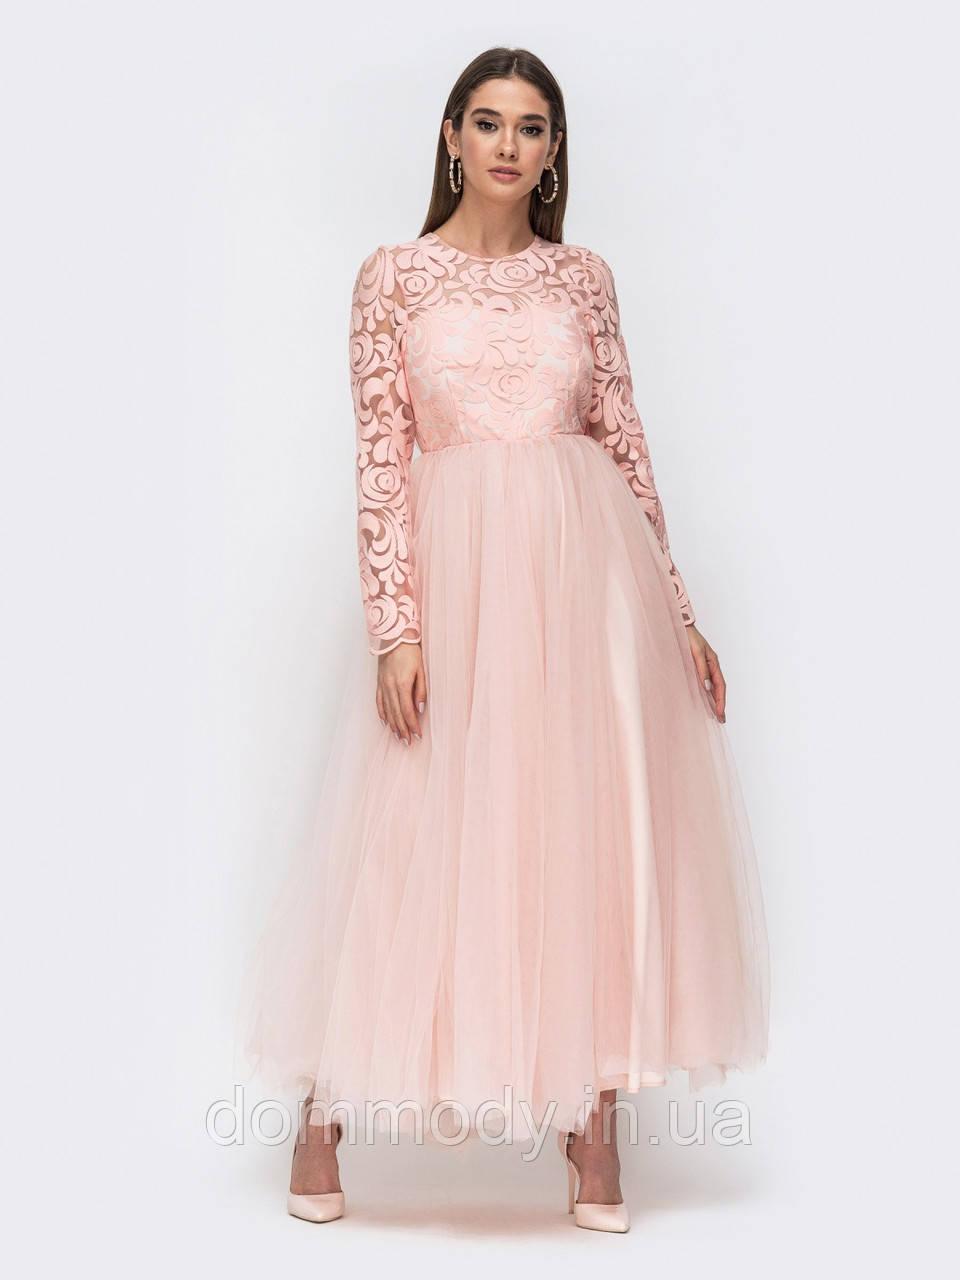 Платье женское Brand peach